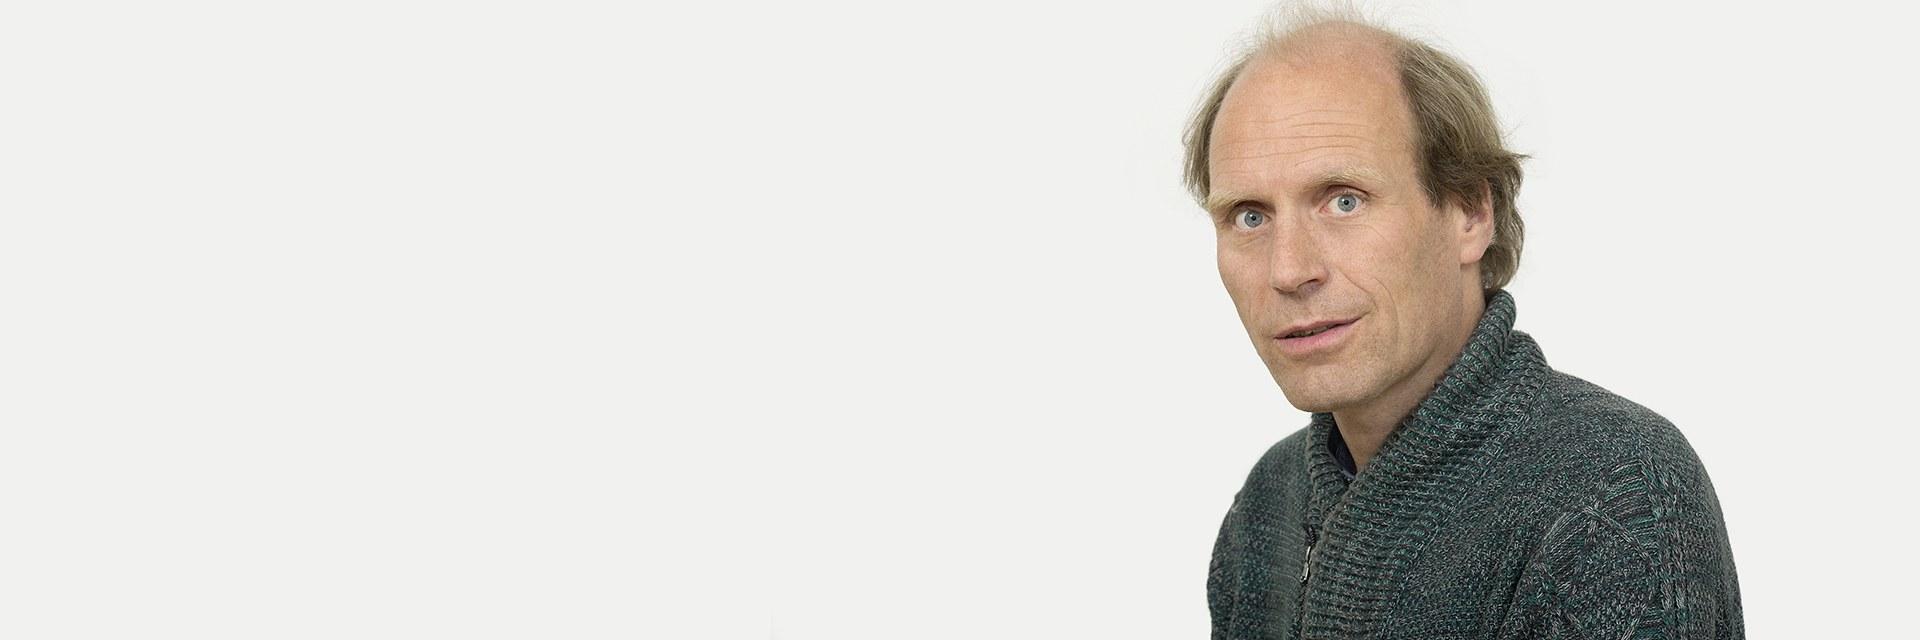 Dirk Börner